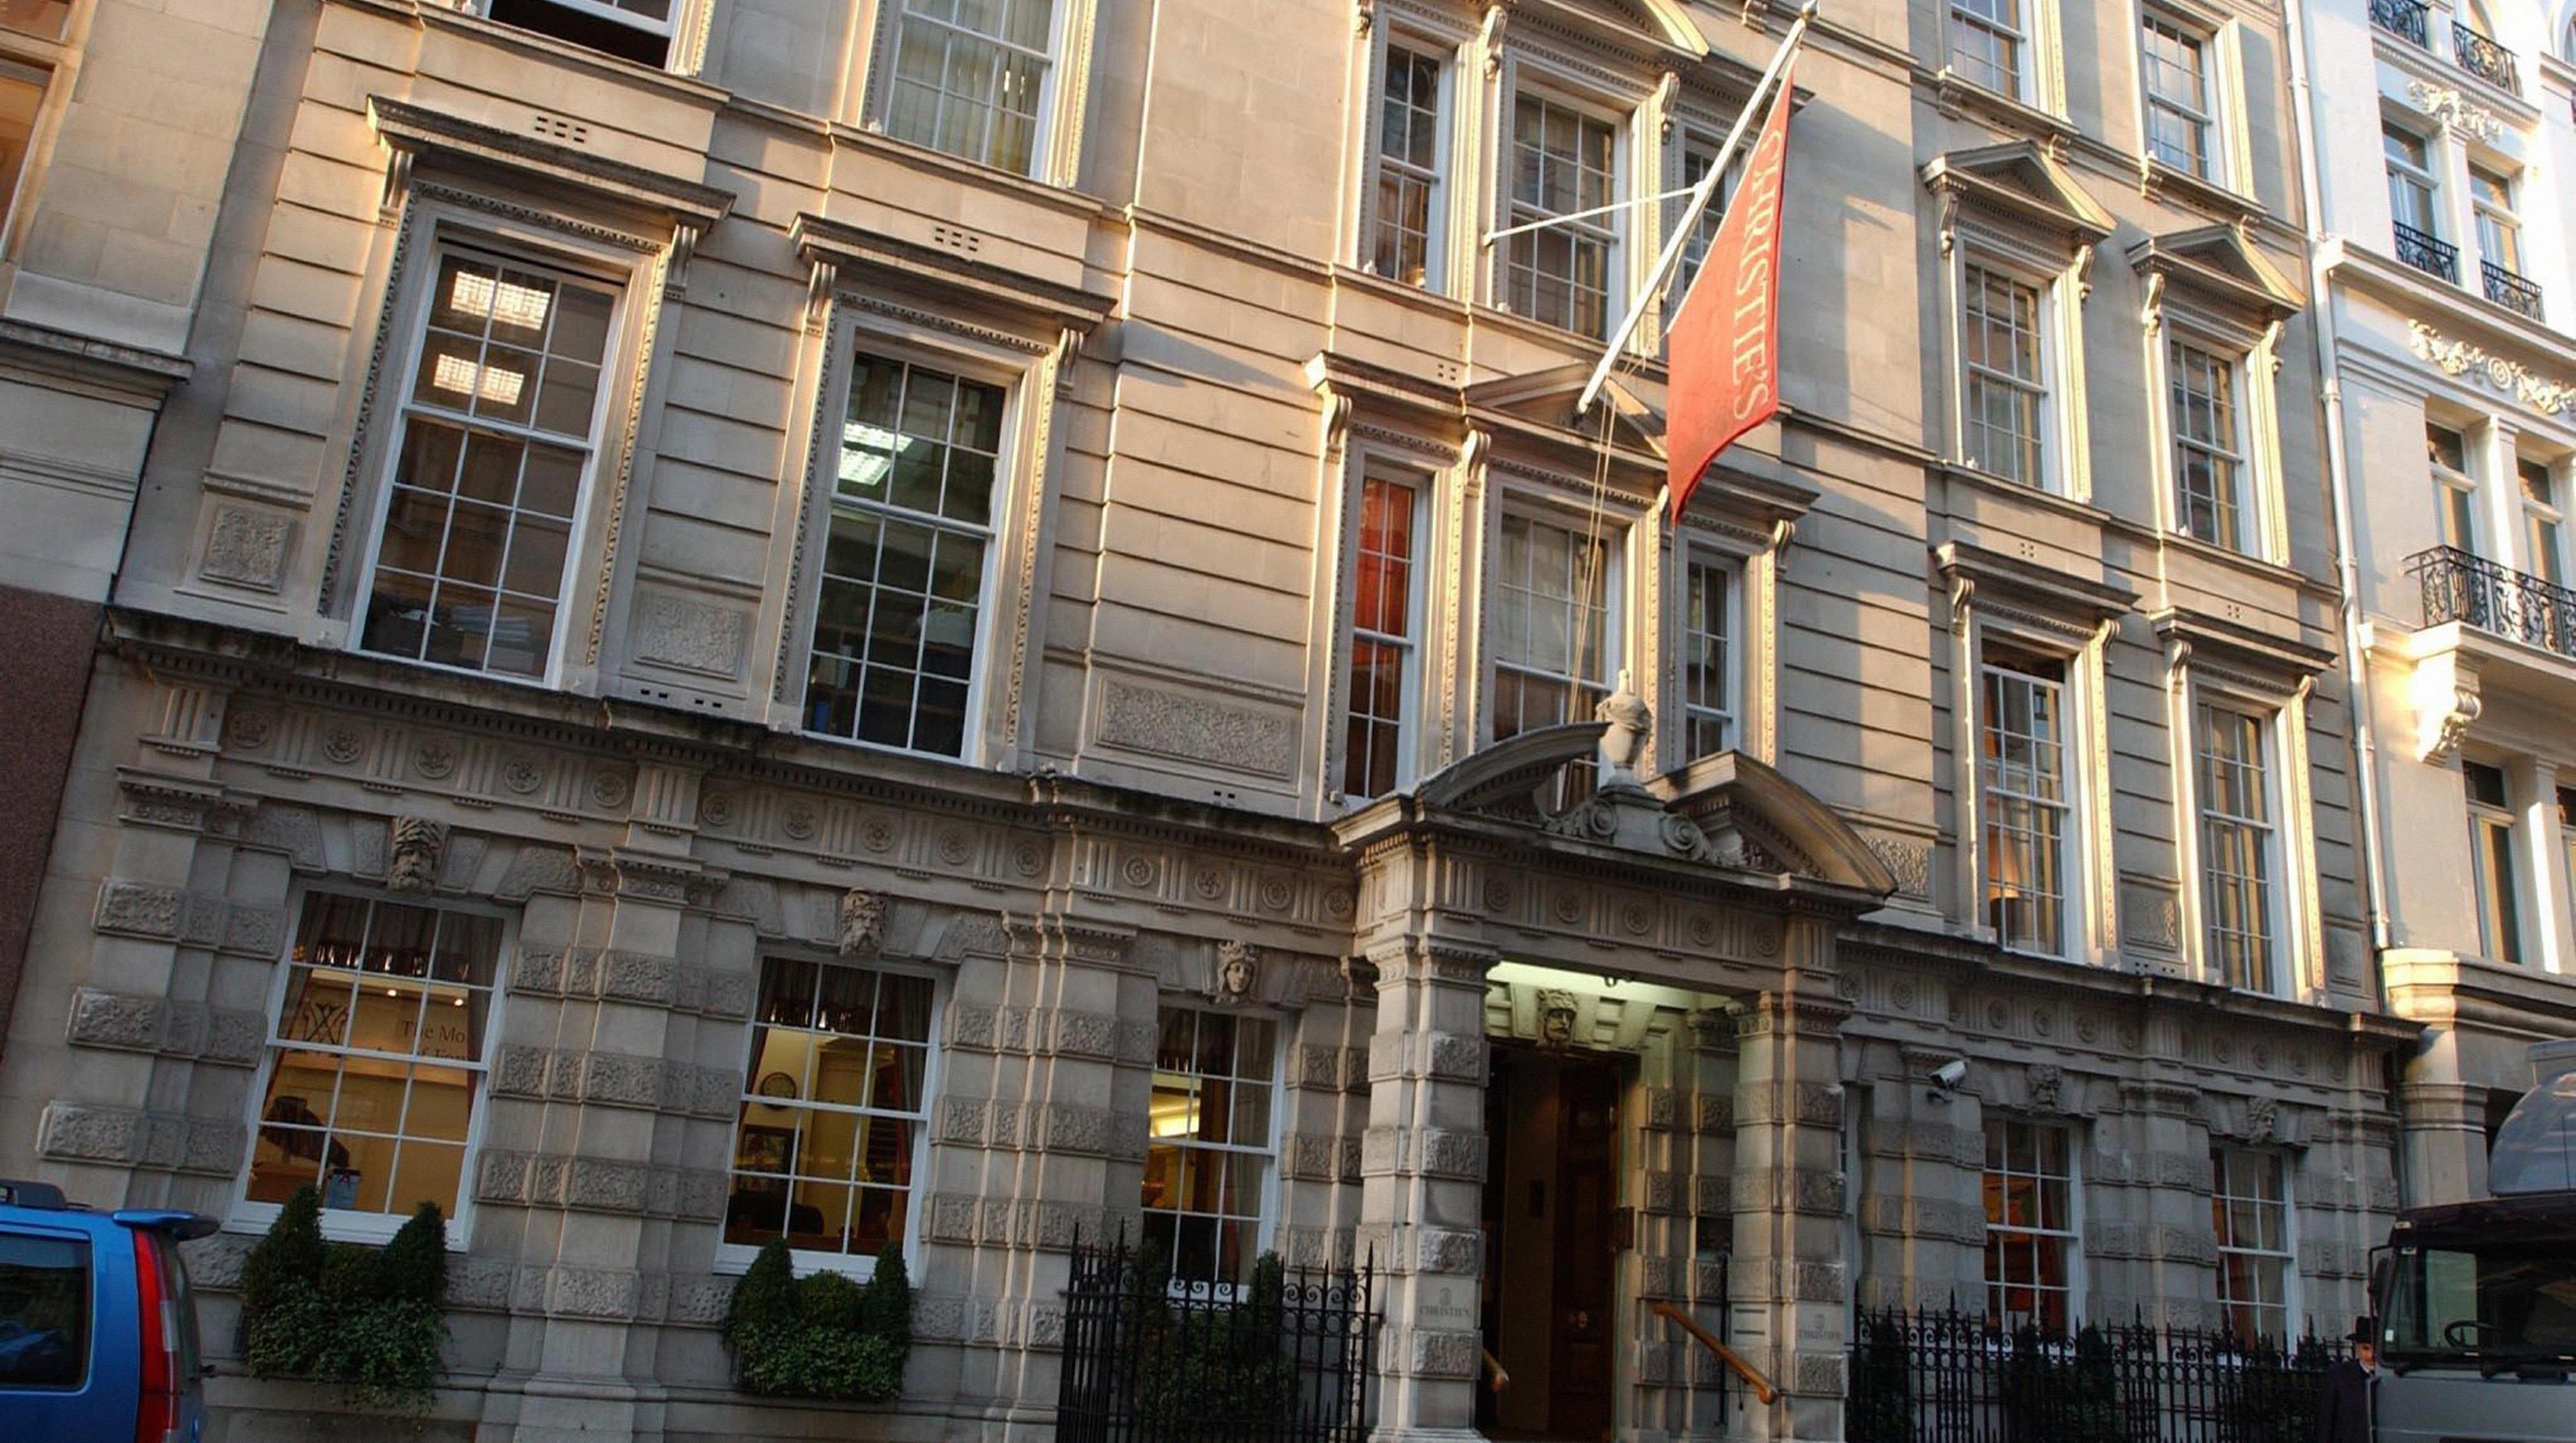 'High value' raid on Christie's auction house - ITV News